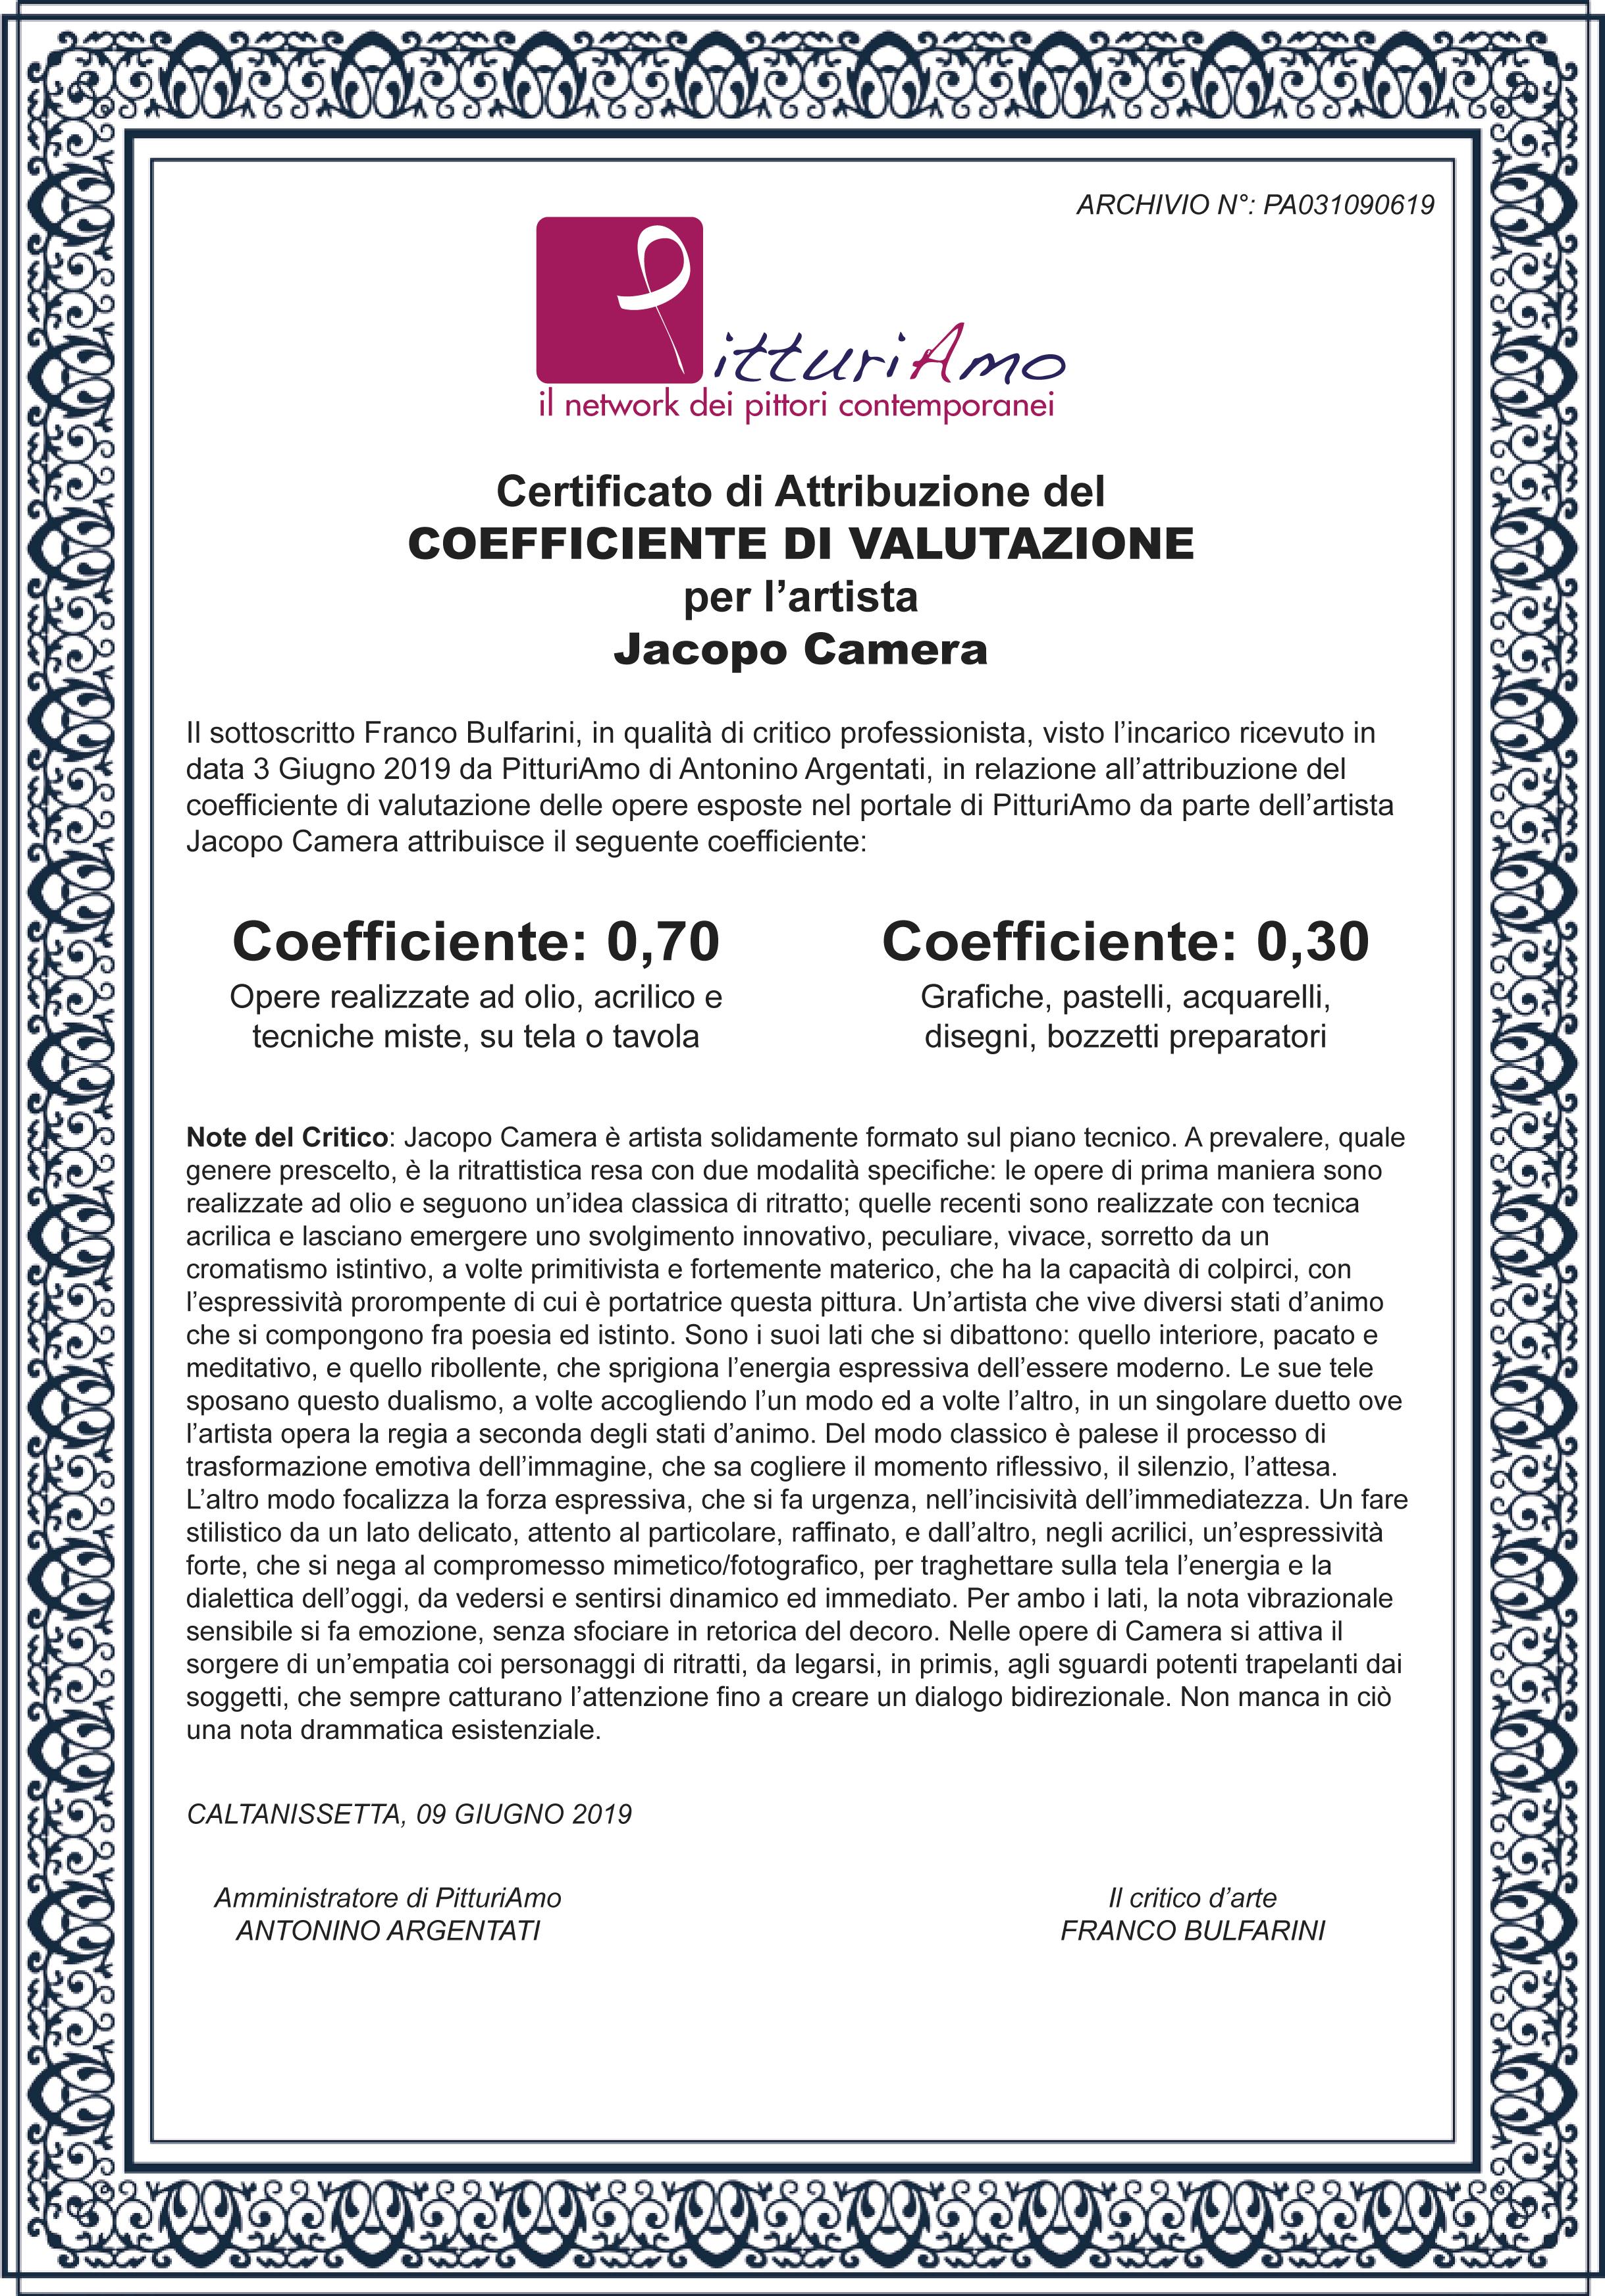 Il Coefficiente del pittore Jacopo Camera - Artista contemporaneo Italiano